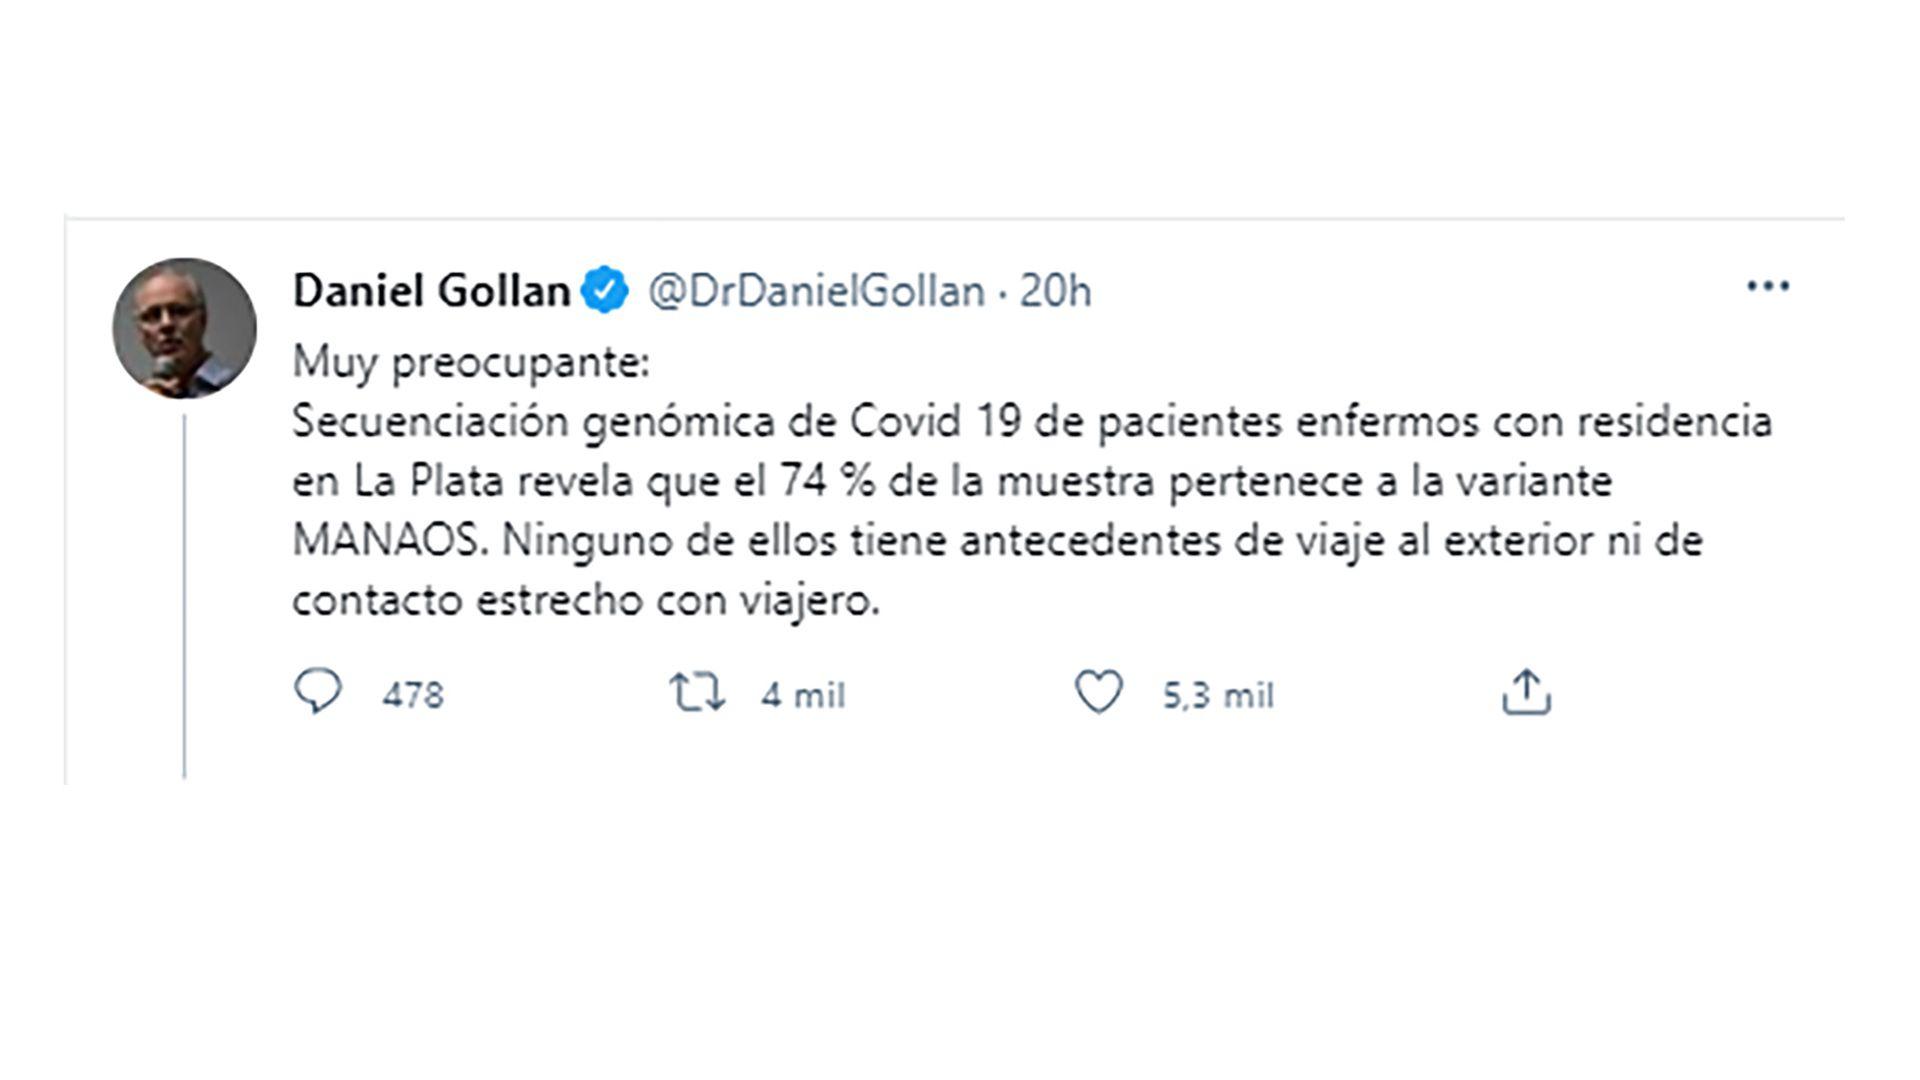 Gollan sobre la variante de manaos en La Plata